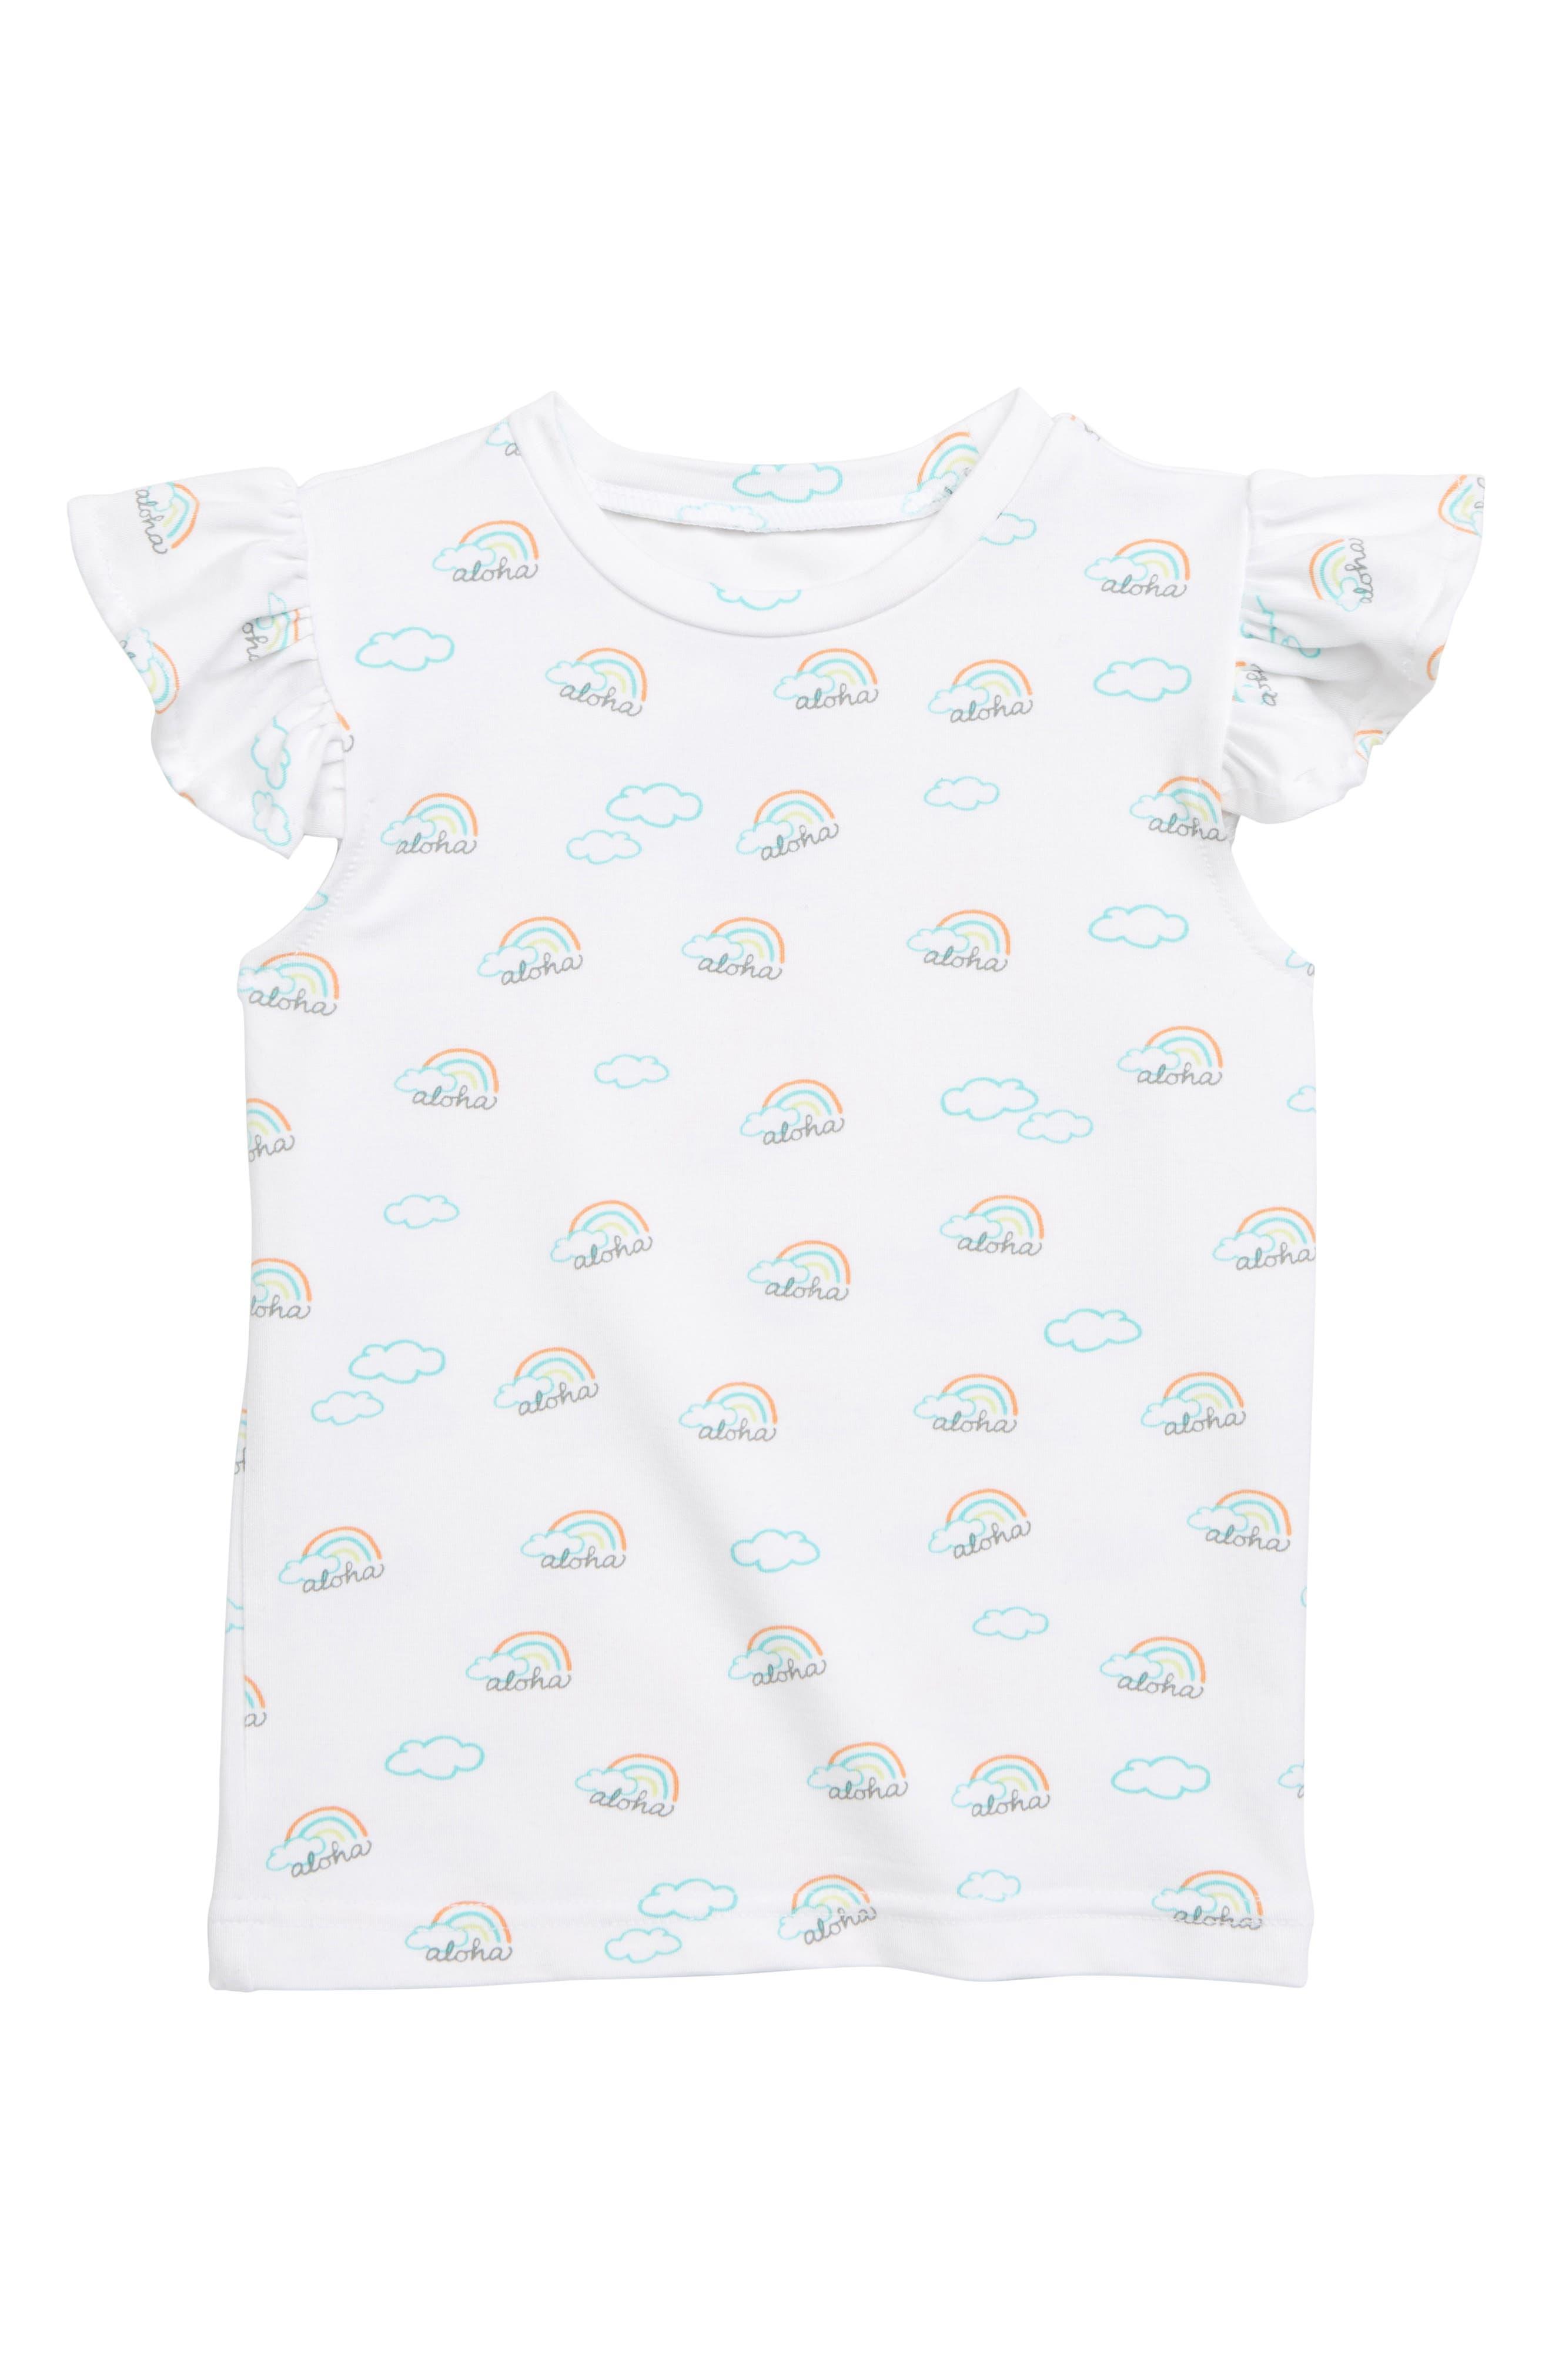 COCO MOON, Aloha Flutter Sleeve T-Shirt, Main thumbnail 1, color, MULTI